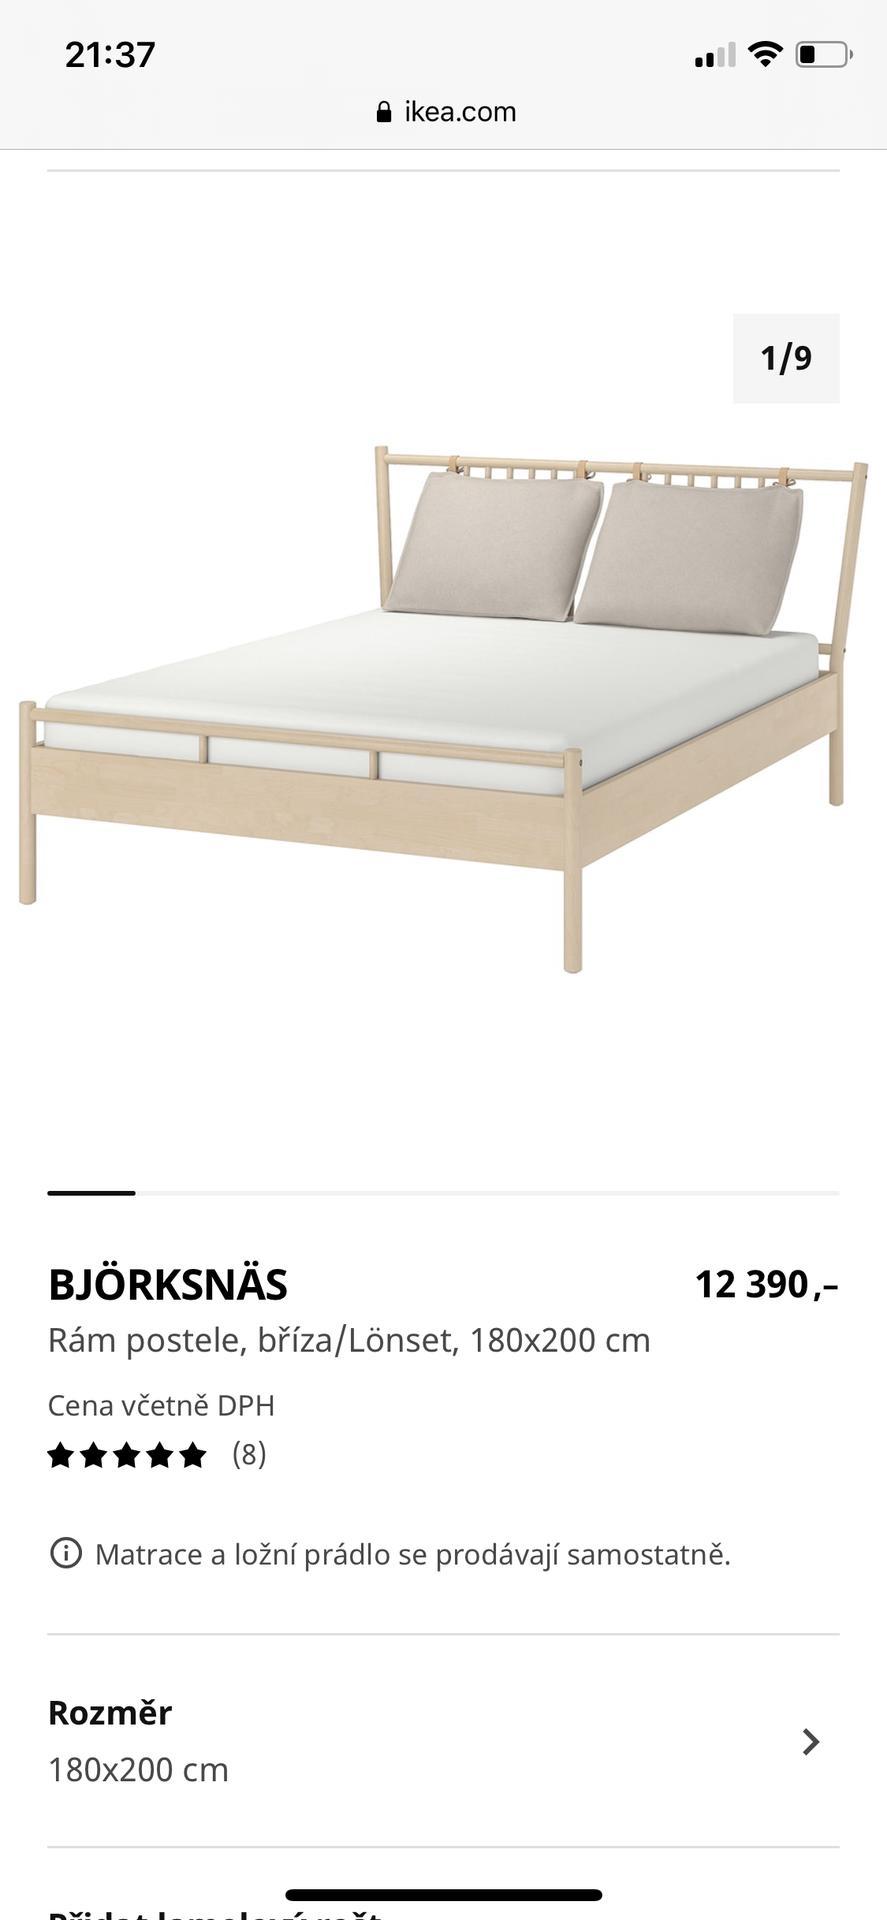 Pod Horou... - Přichází na řadu vybírání a vyměřování všeho… tato Ikea, je asi favorit… nemáte někdo?